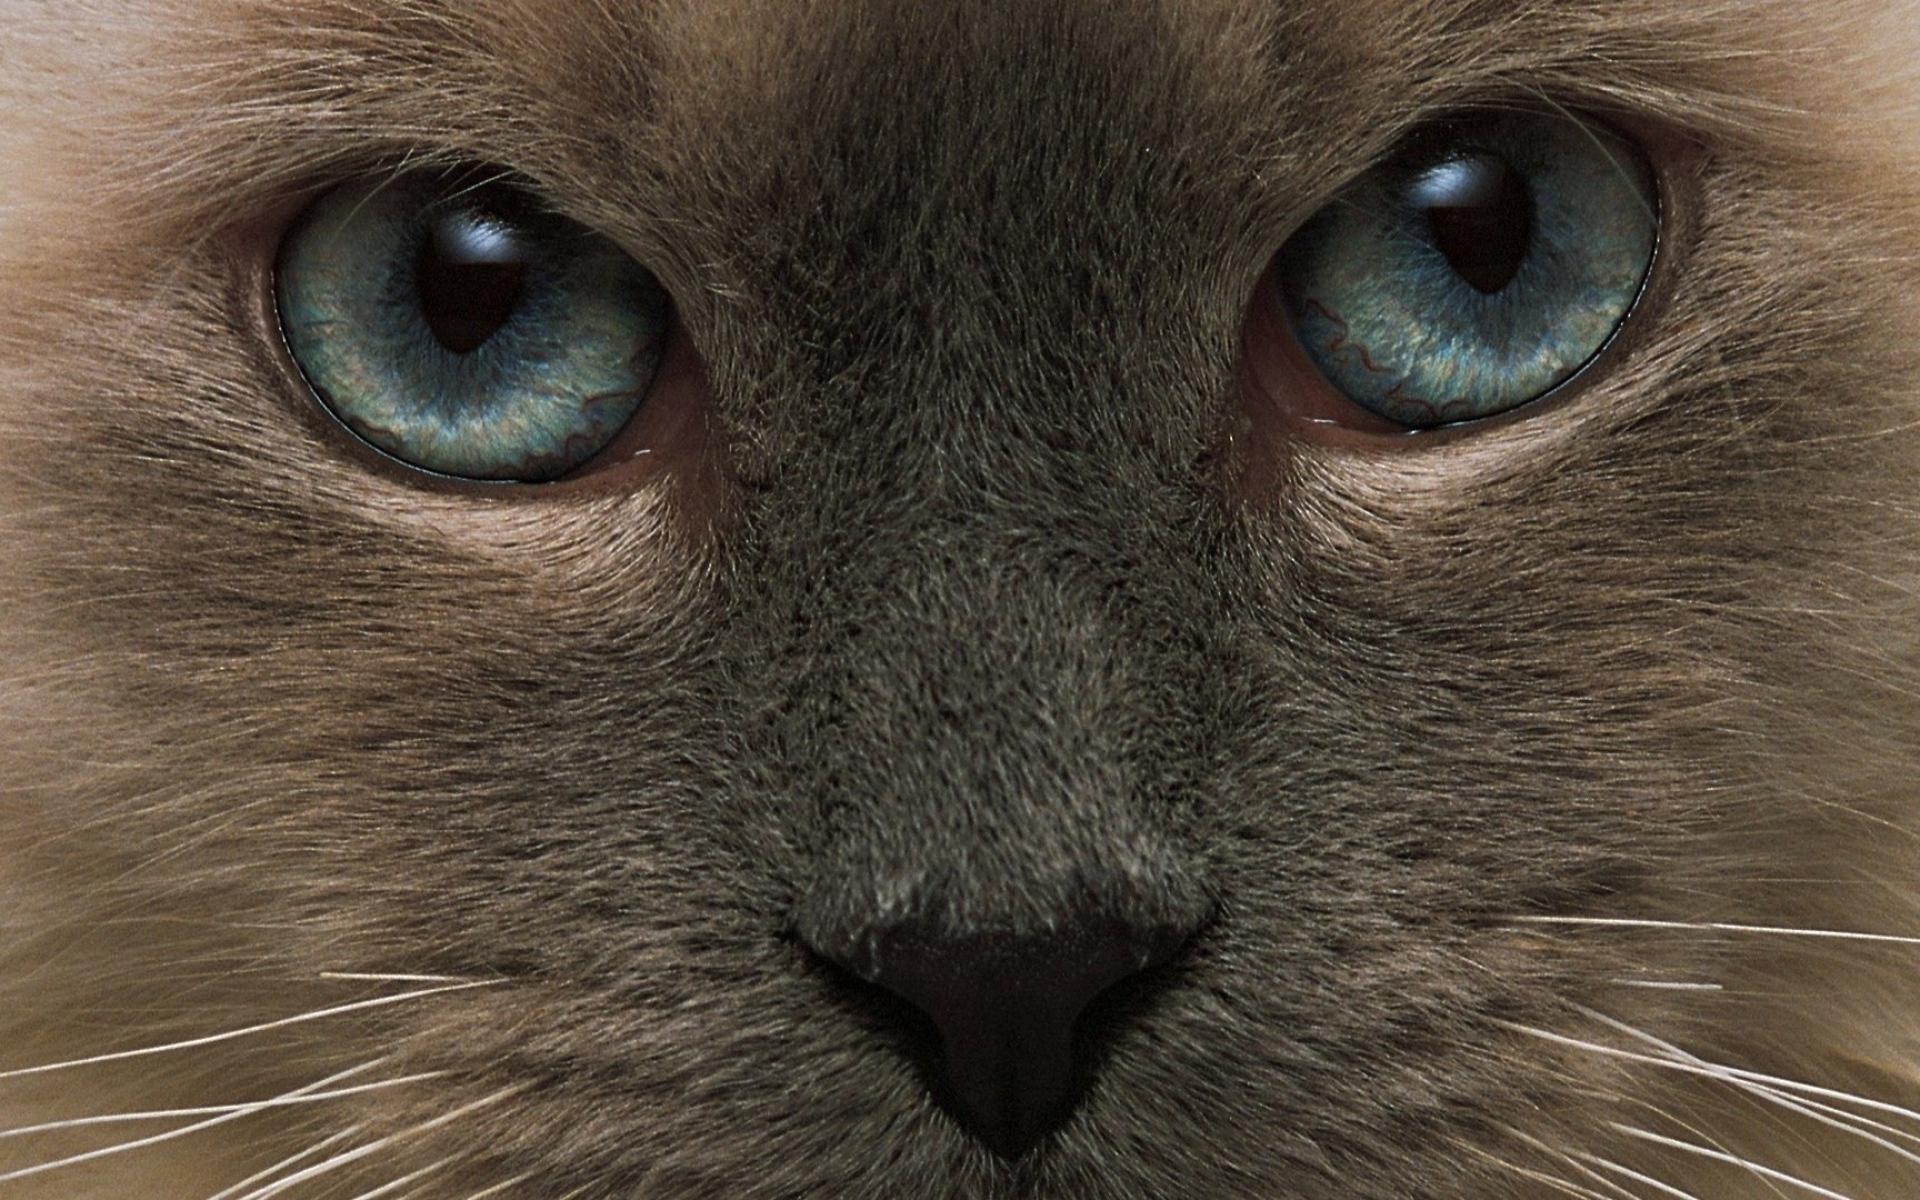 кошка глаза шерсть  № 1963672 бесплатно